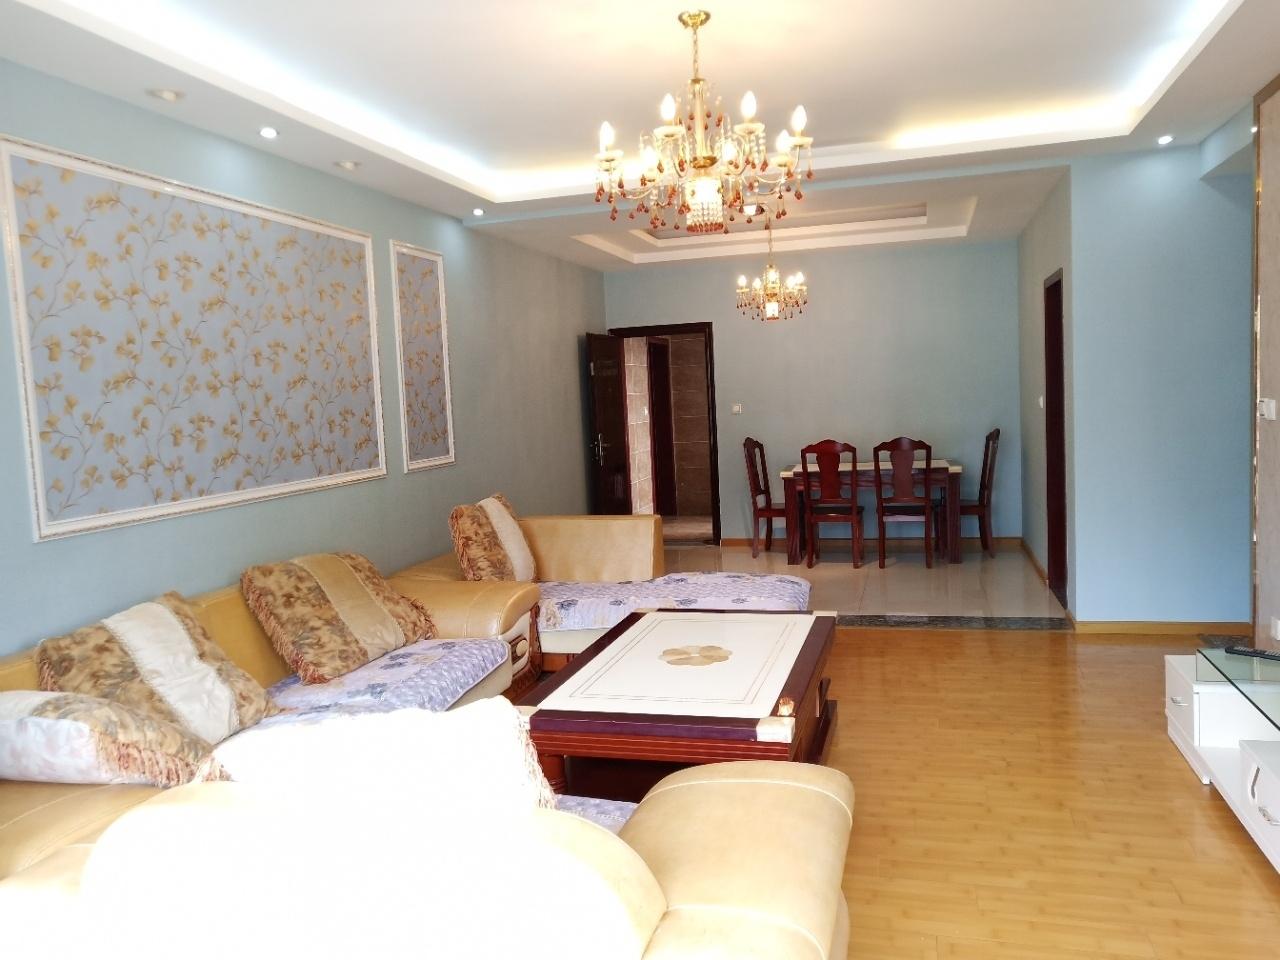 蓝桥翠锦3室 2厅 1卫76.8万元